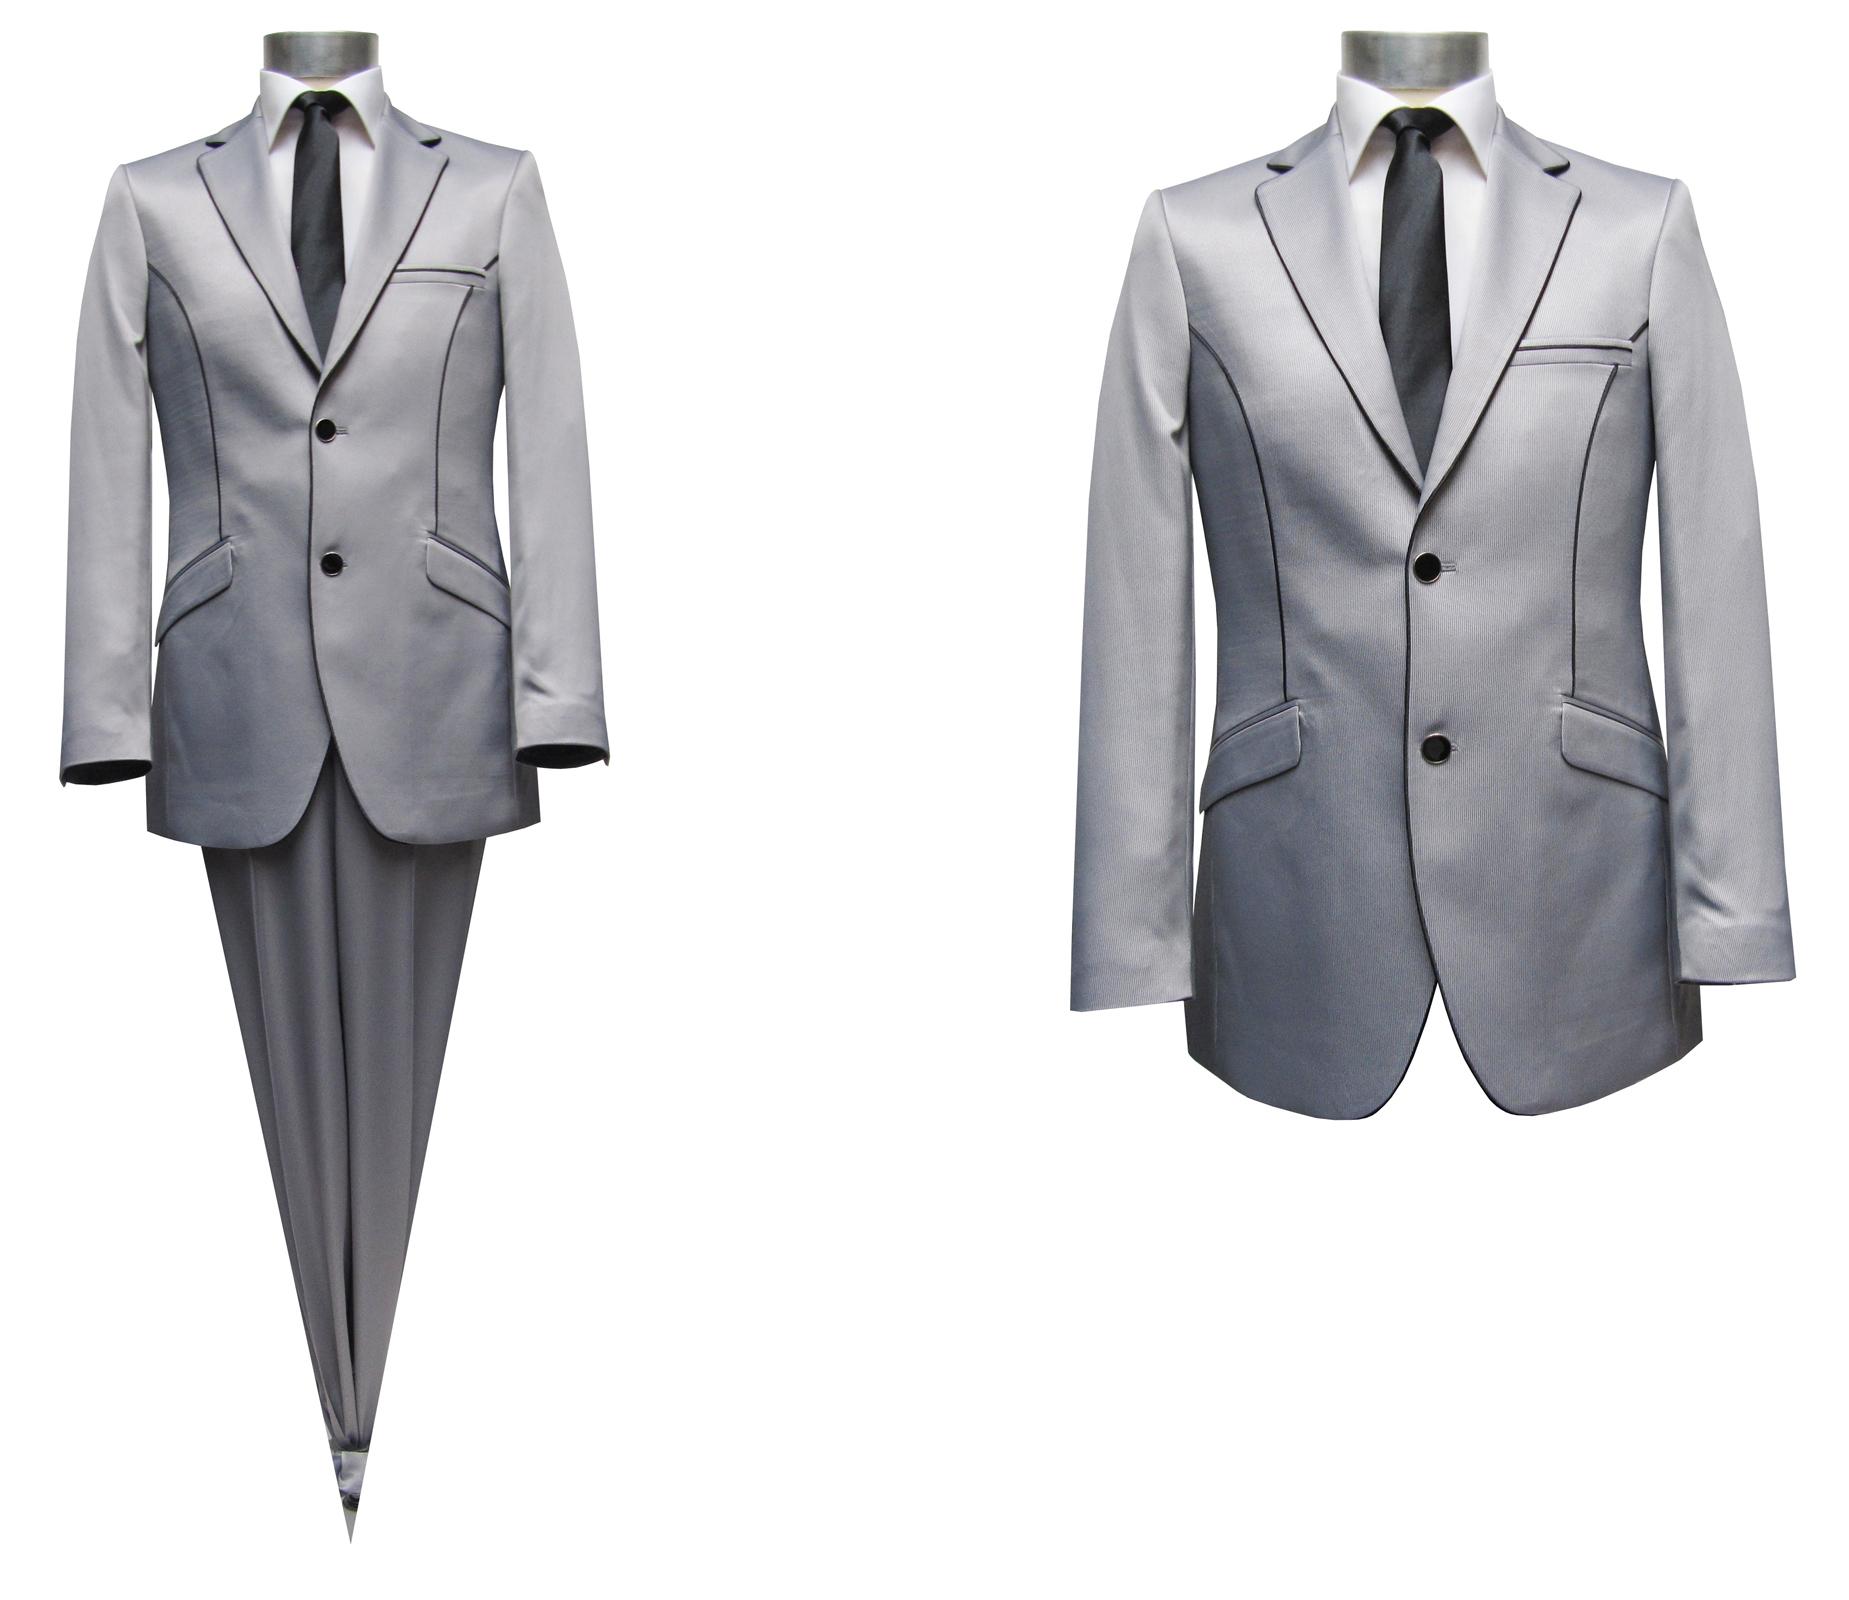 Anzug Gr.48 Elegant grau Herren Anzug Elegant